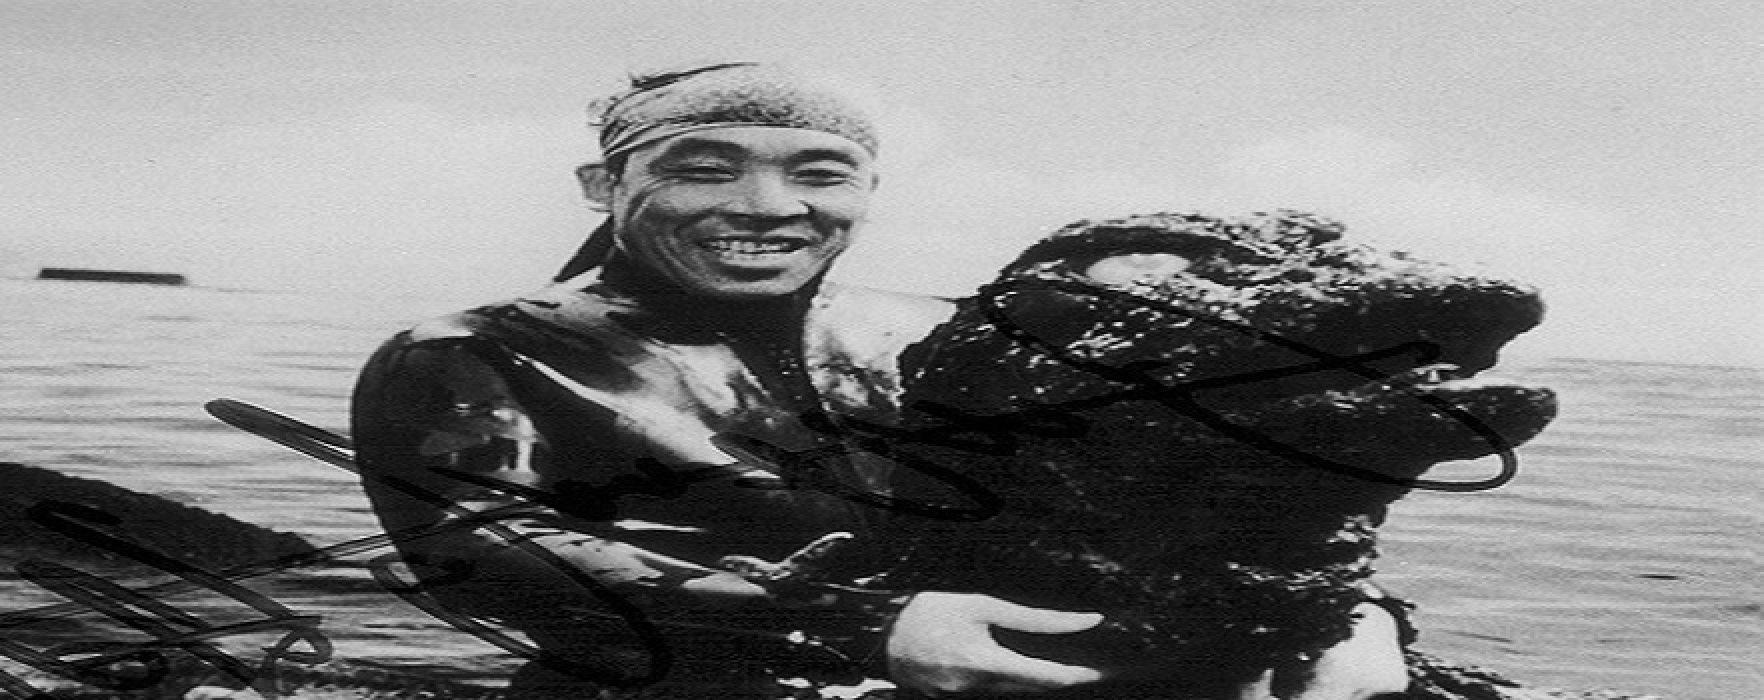 Haruo Nakajima, First Godzilla Actor, Has Died